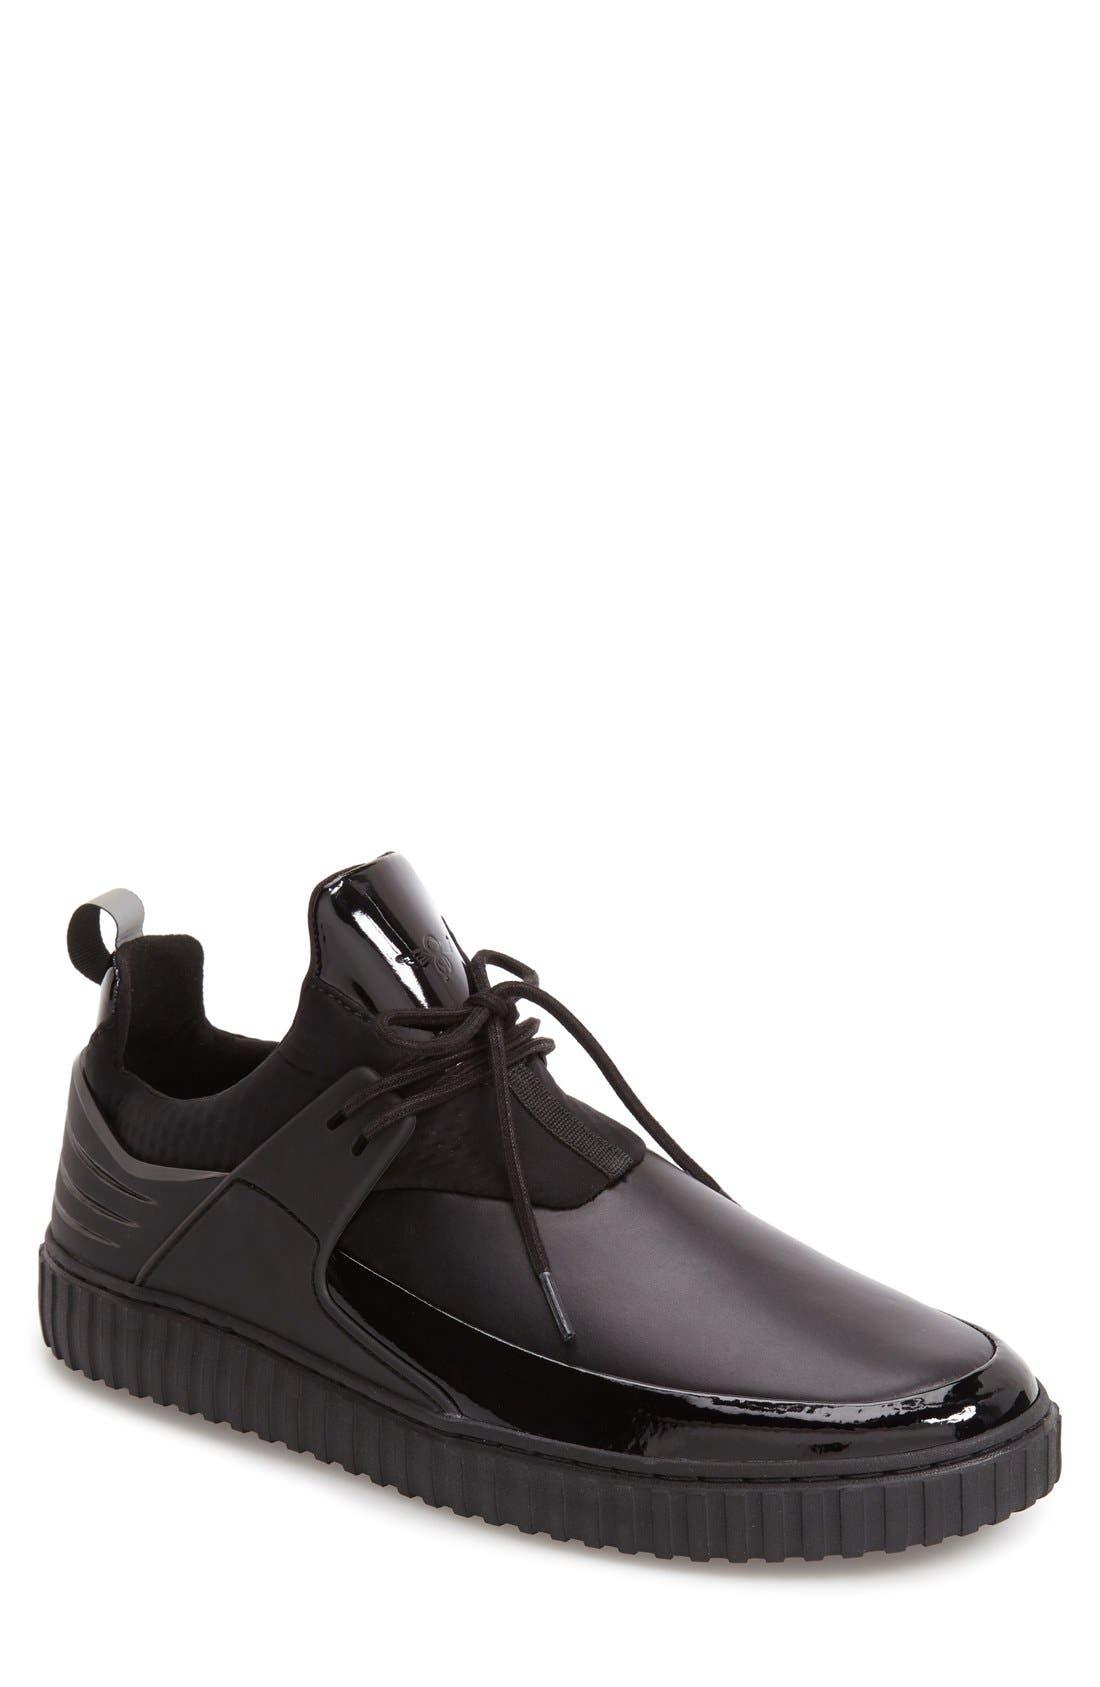 x Nick Jonas Castucci Sneaker, Main, color, 004